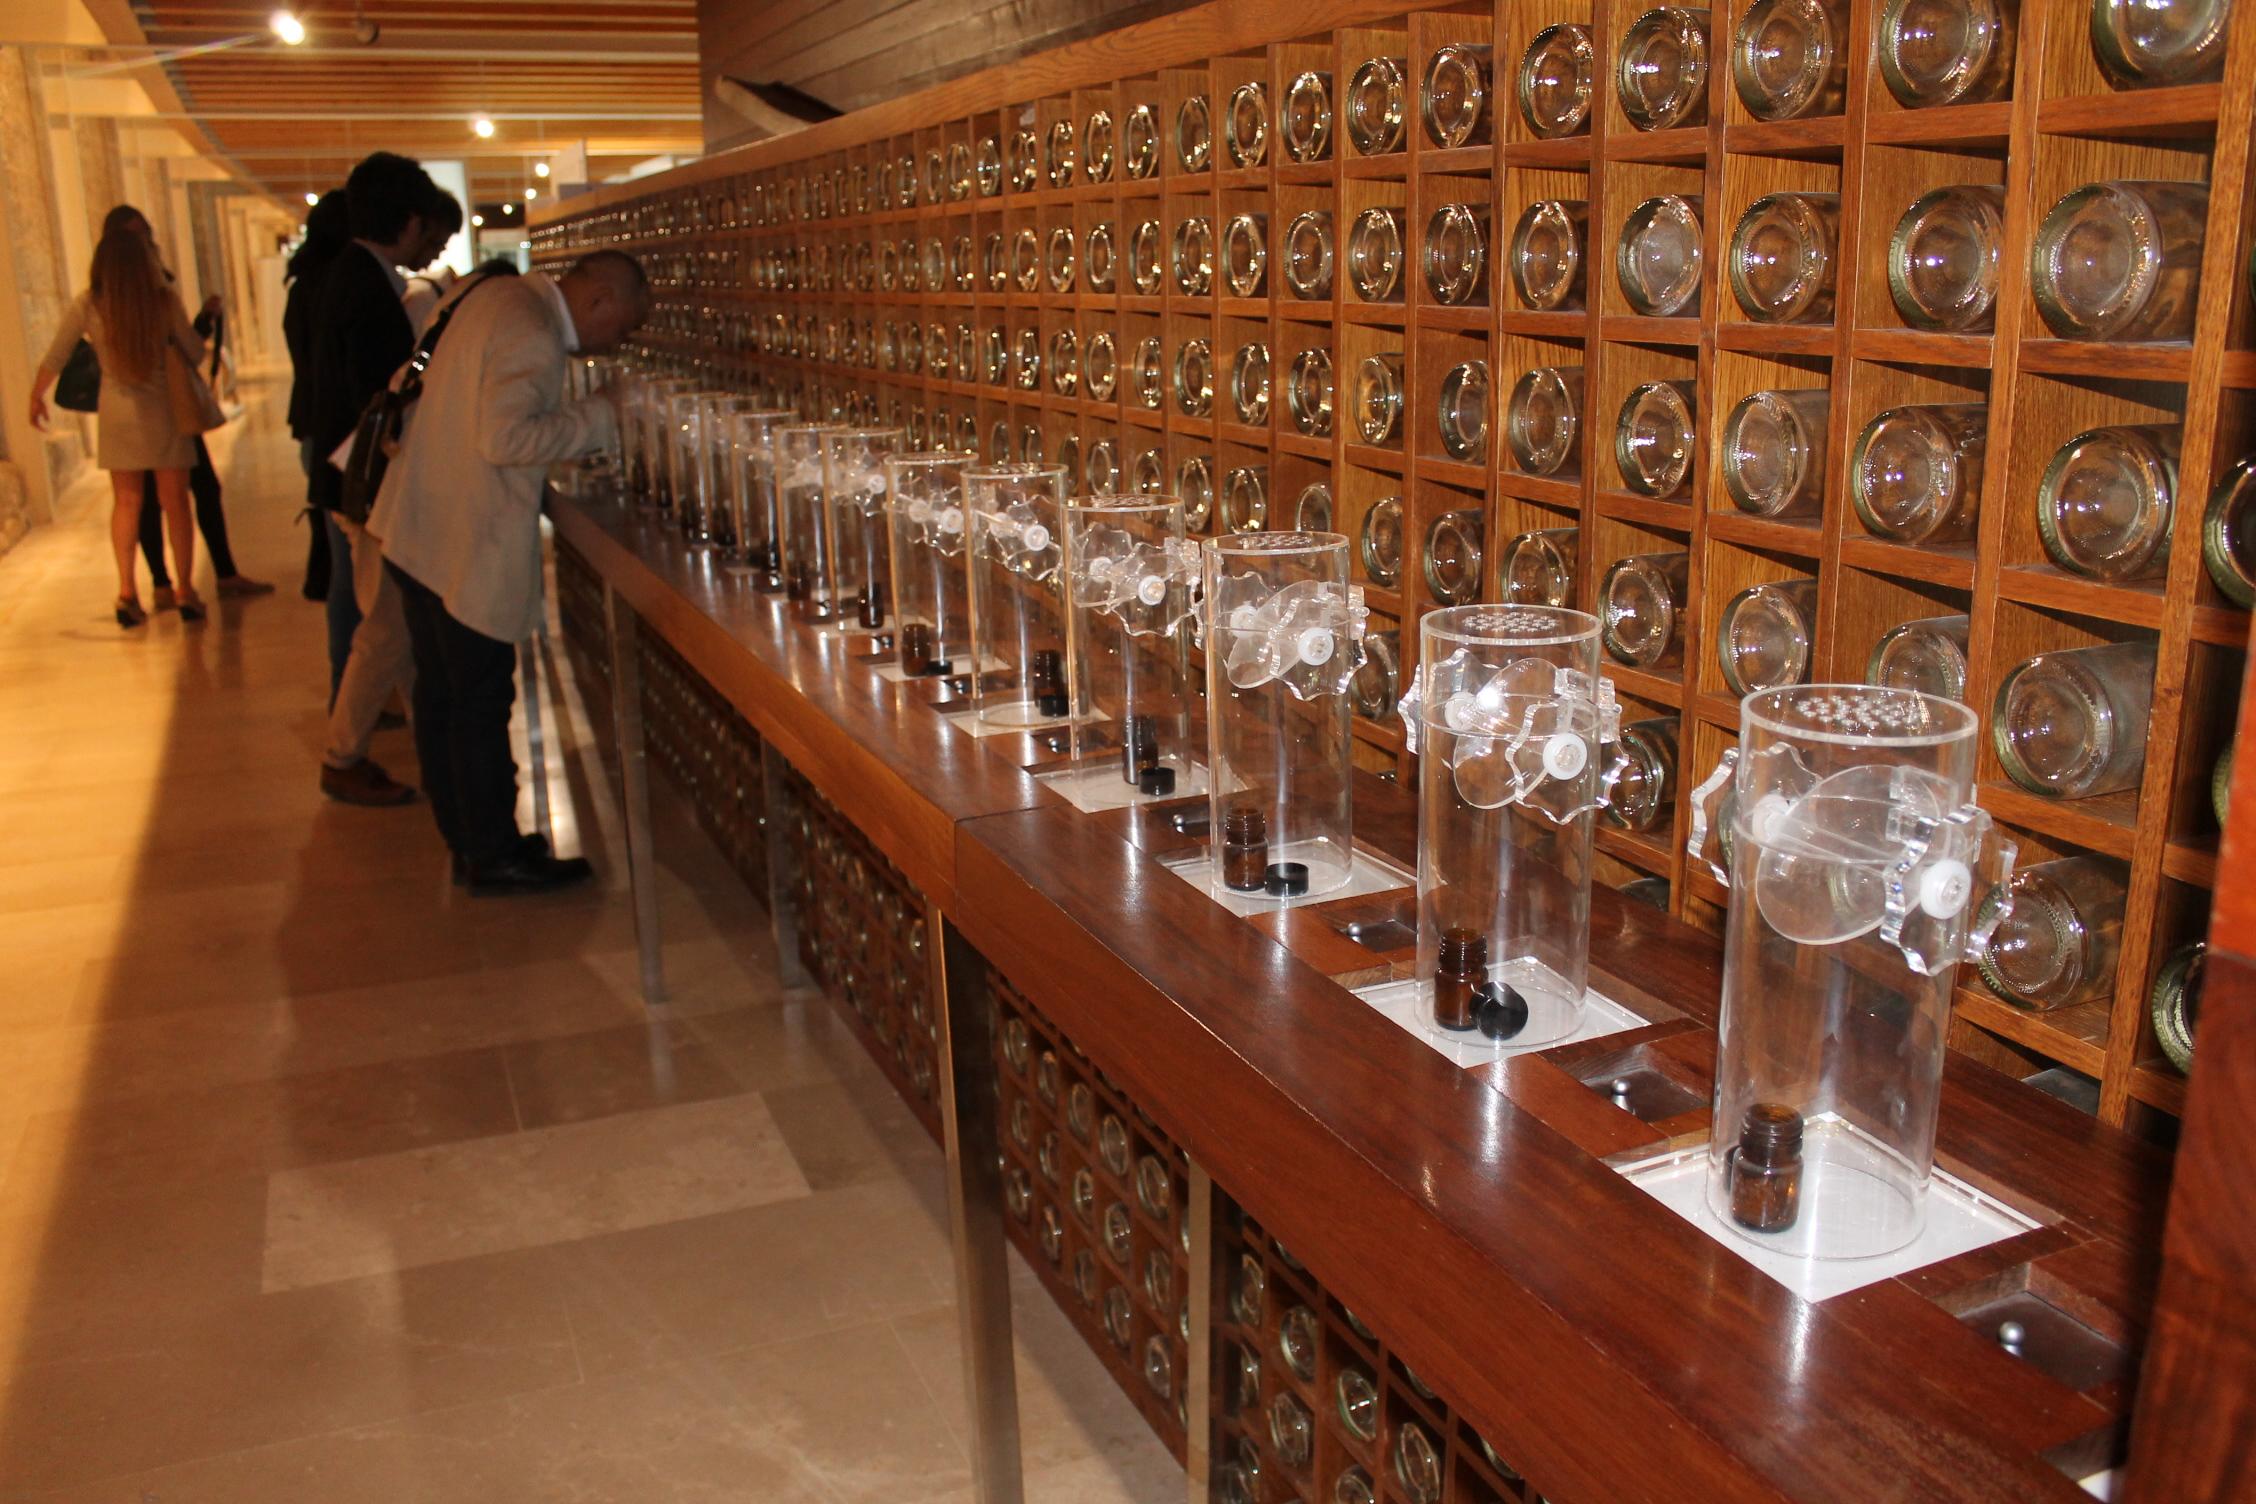 ペニャフィエル城 -リベラ・デル・ドゥエロ ワイン博物館